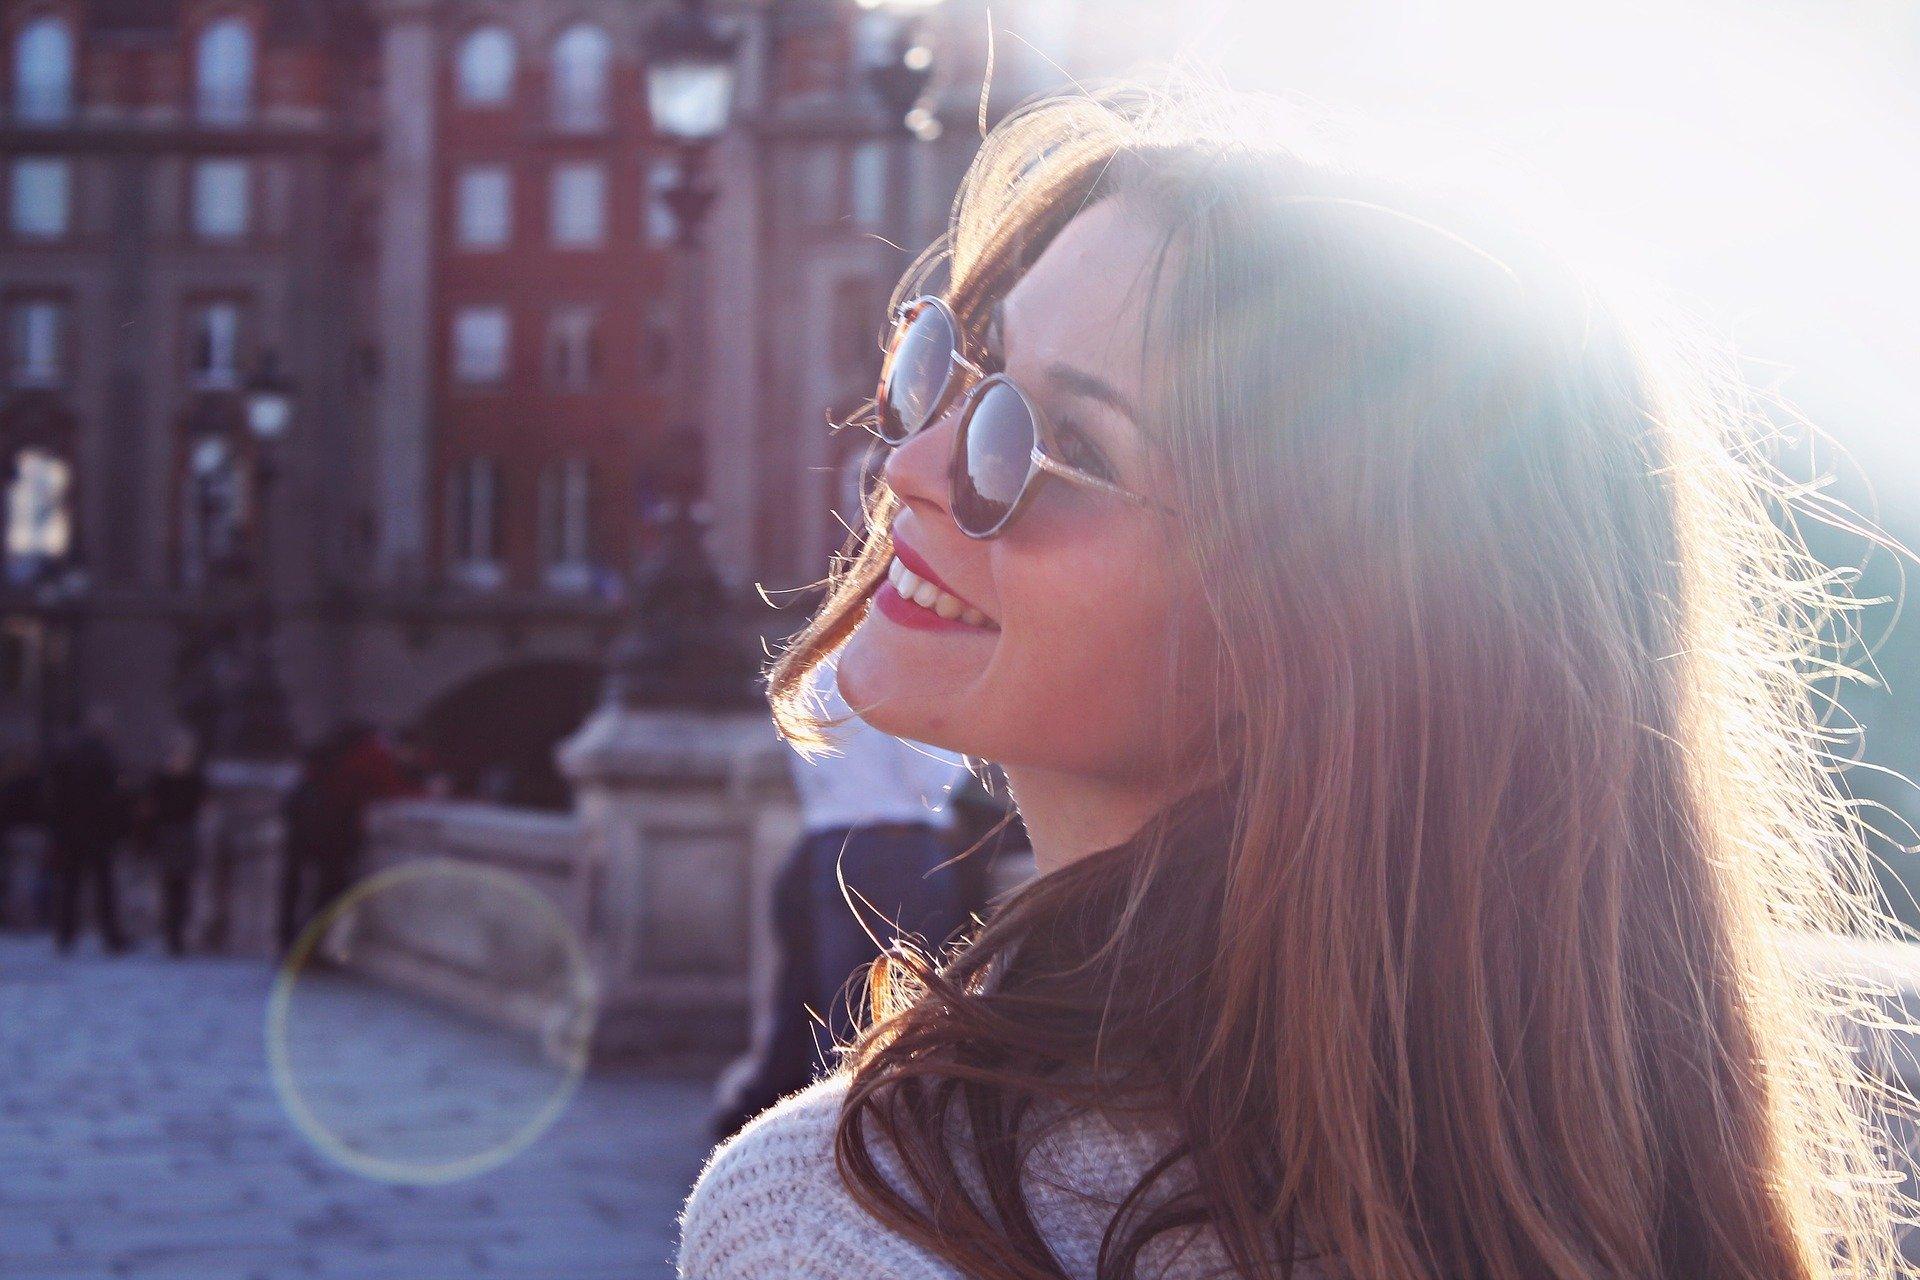 街中で笑顔で振り返るサングラスの女性。